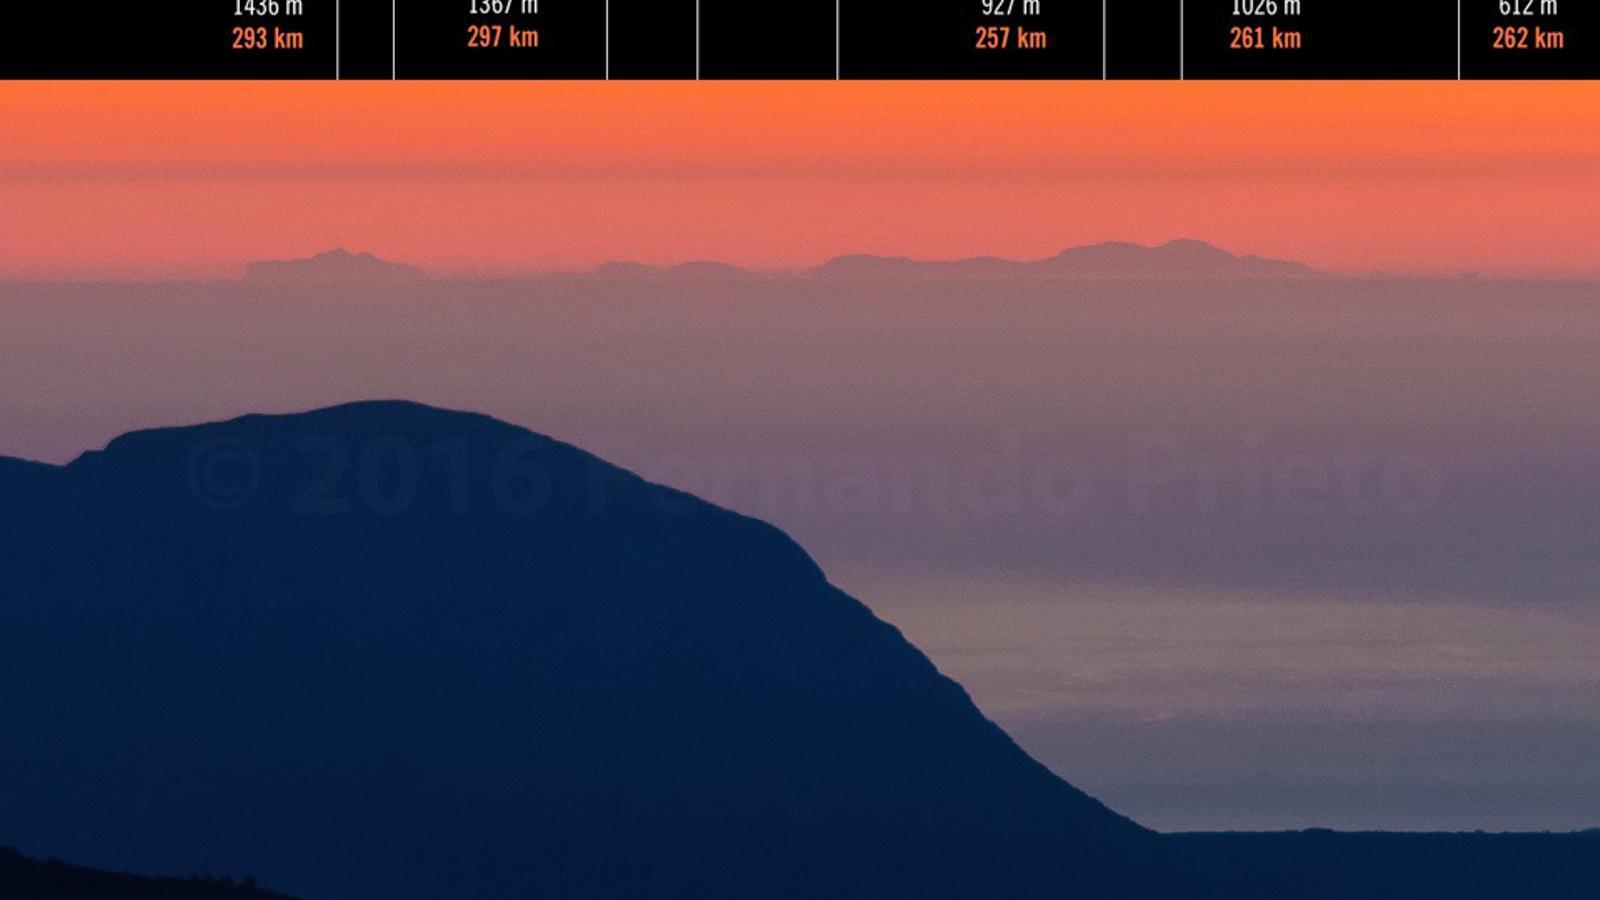 Imatge on es veuen identificats els diferents pics de la Tramuntana